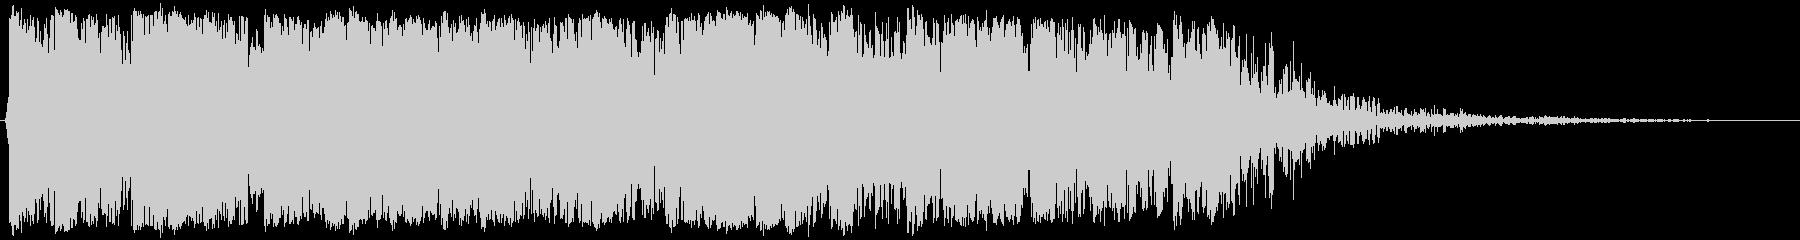 空爆(屋内)02の未再生の波形